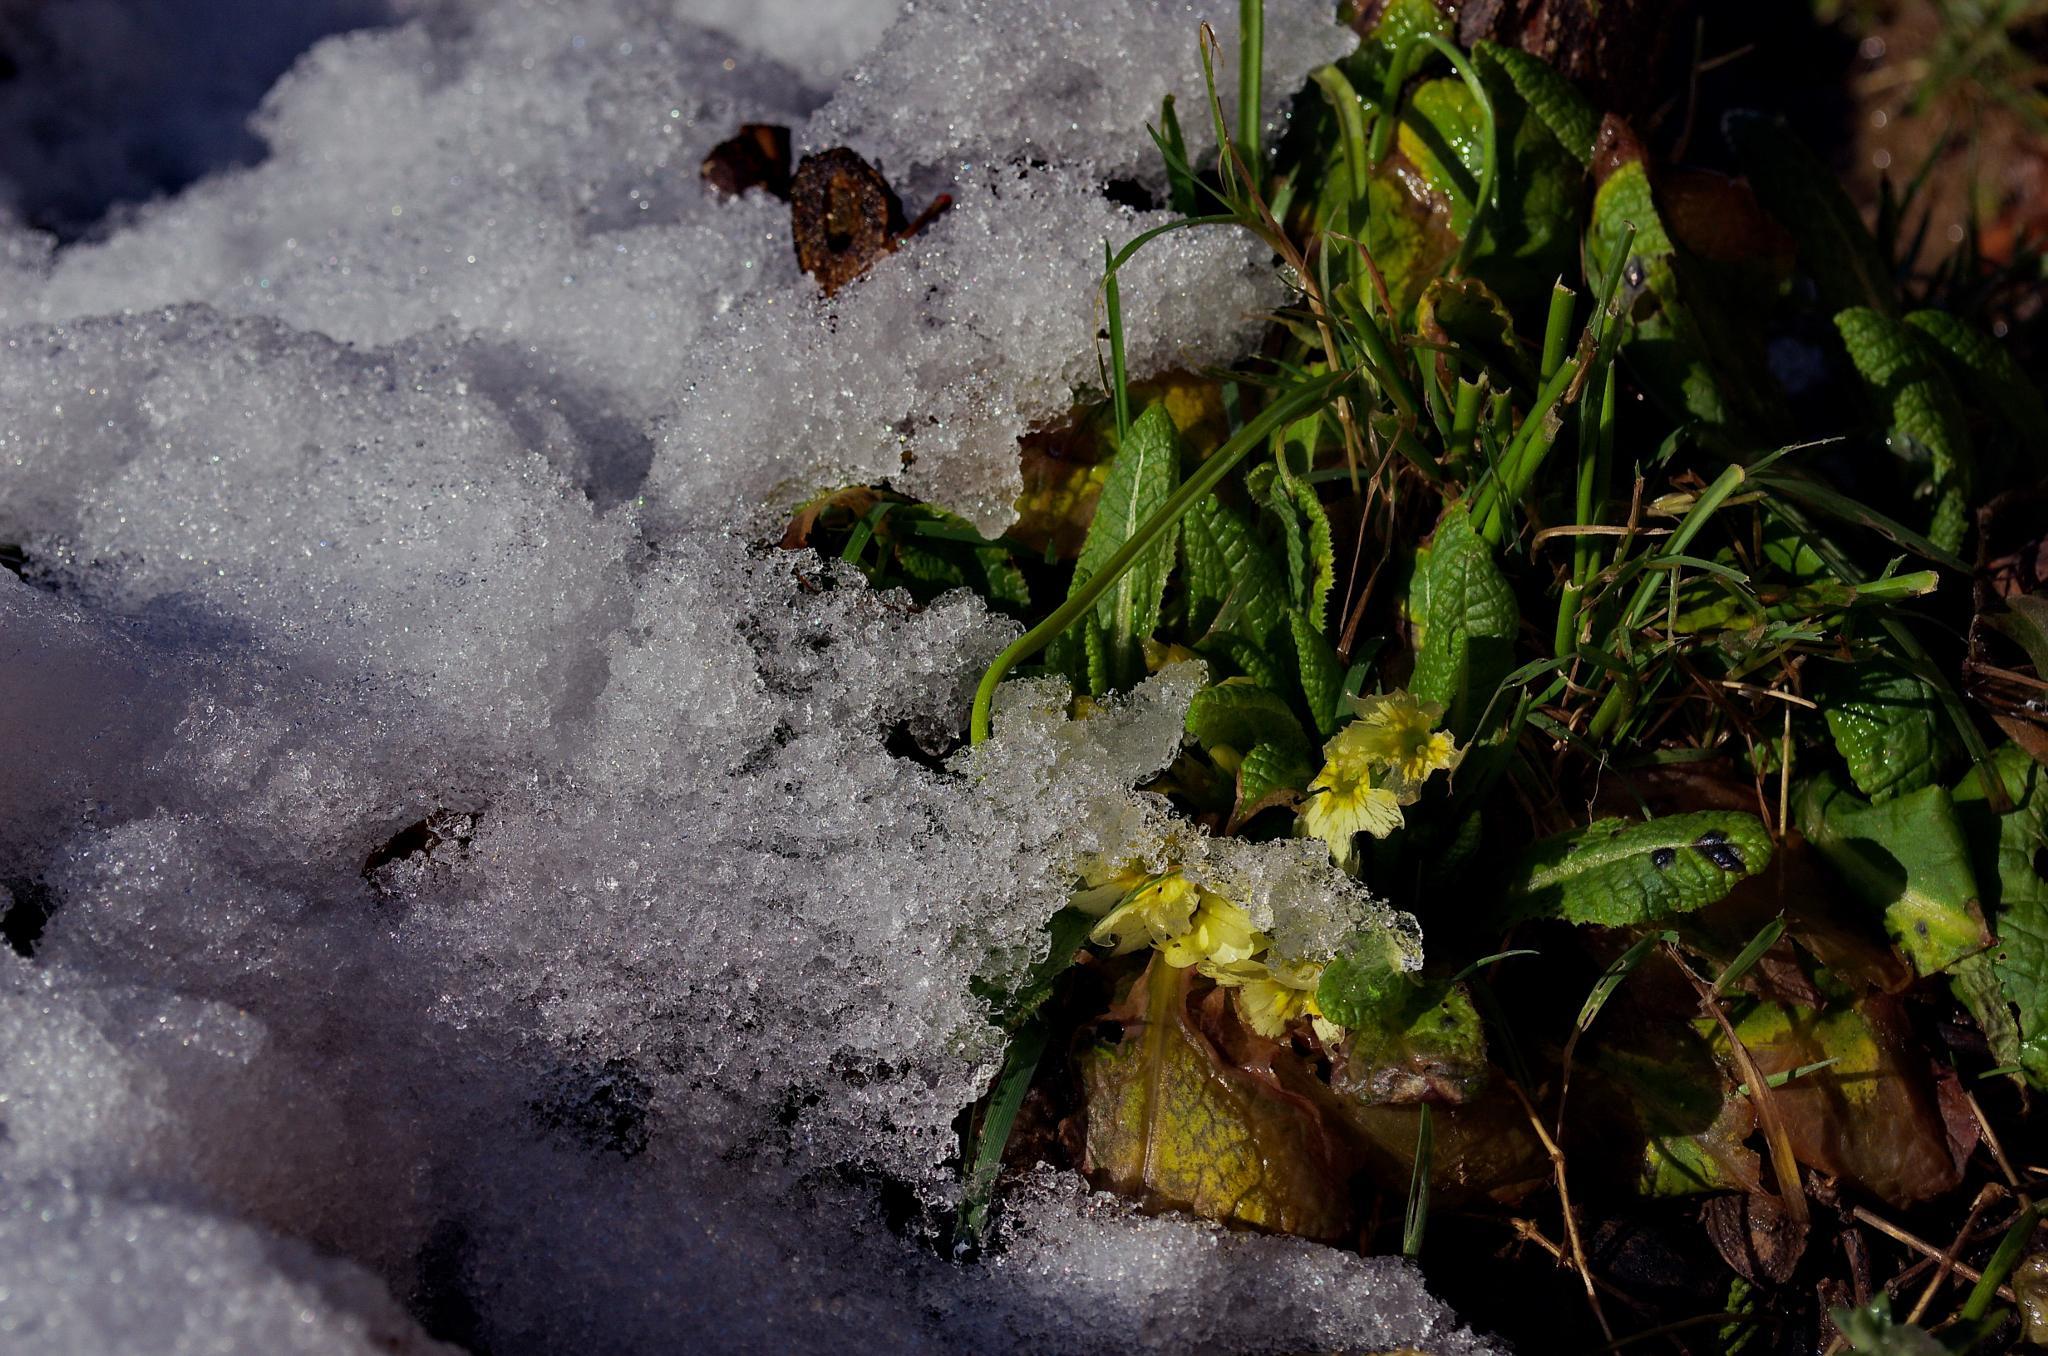 ispod snijega by Zdravko Sudac